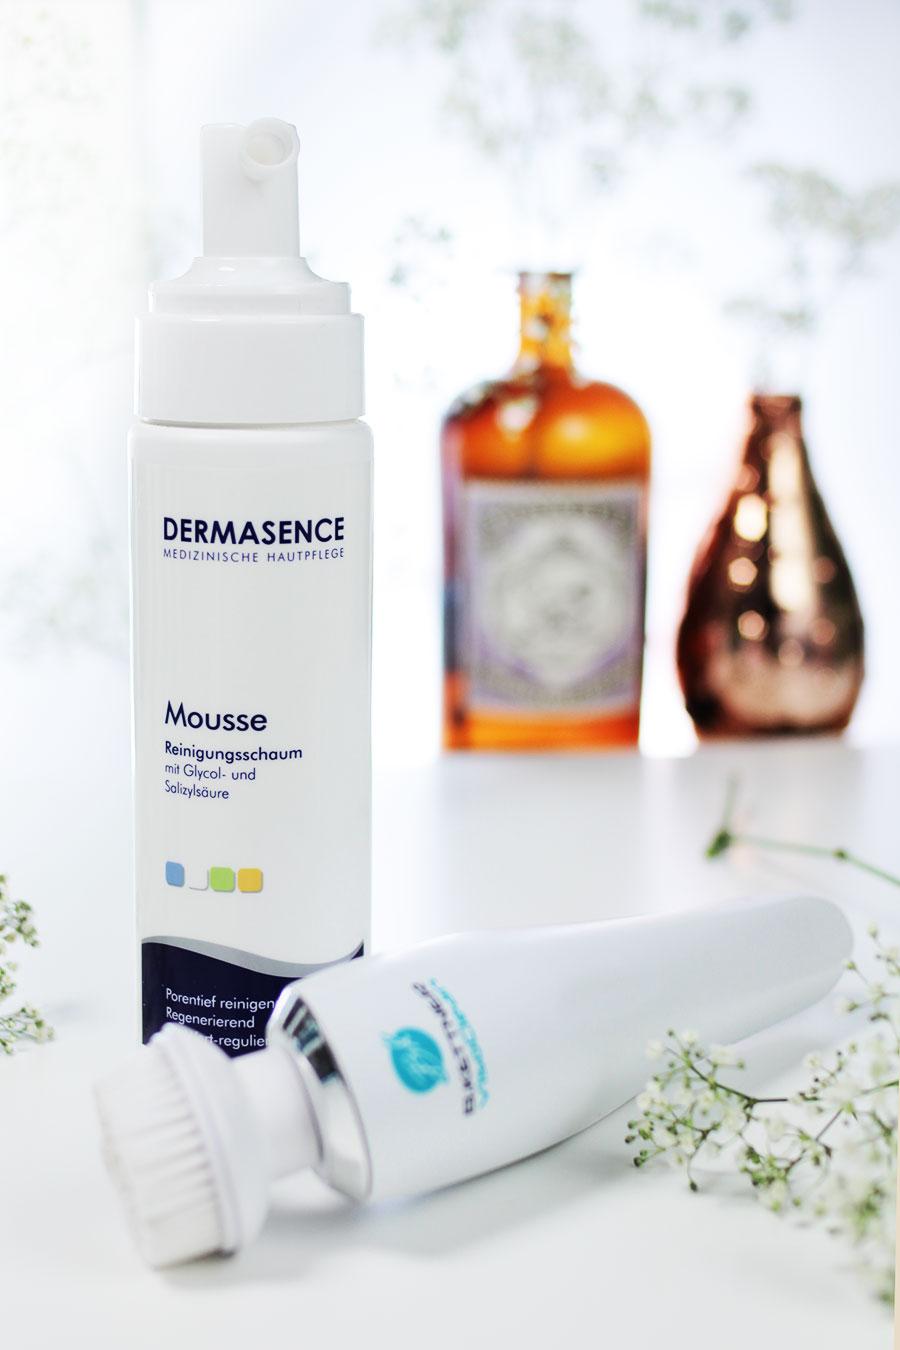 Gesichtspflege-routine-unreine-Haut-bkettner-gesichtsbuerste-Dermasense-mousse